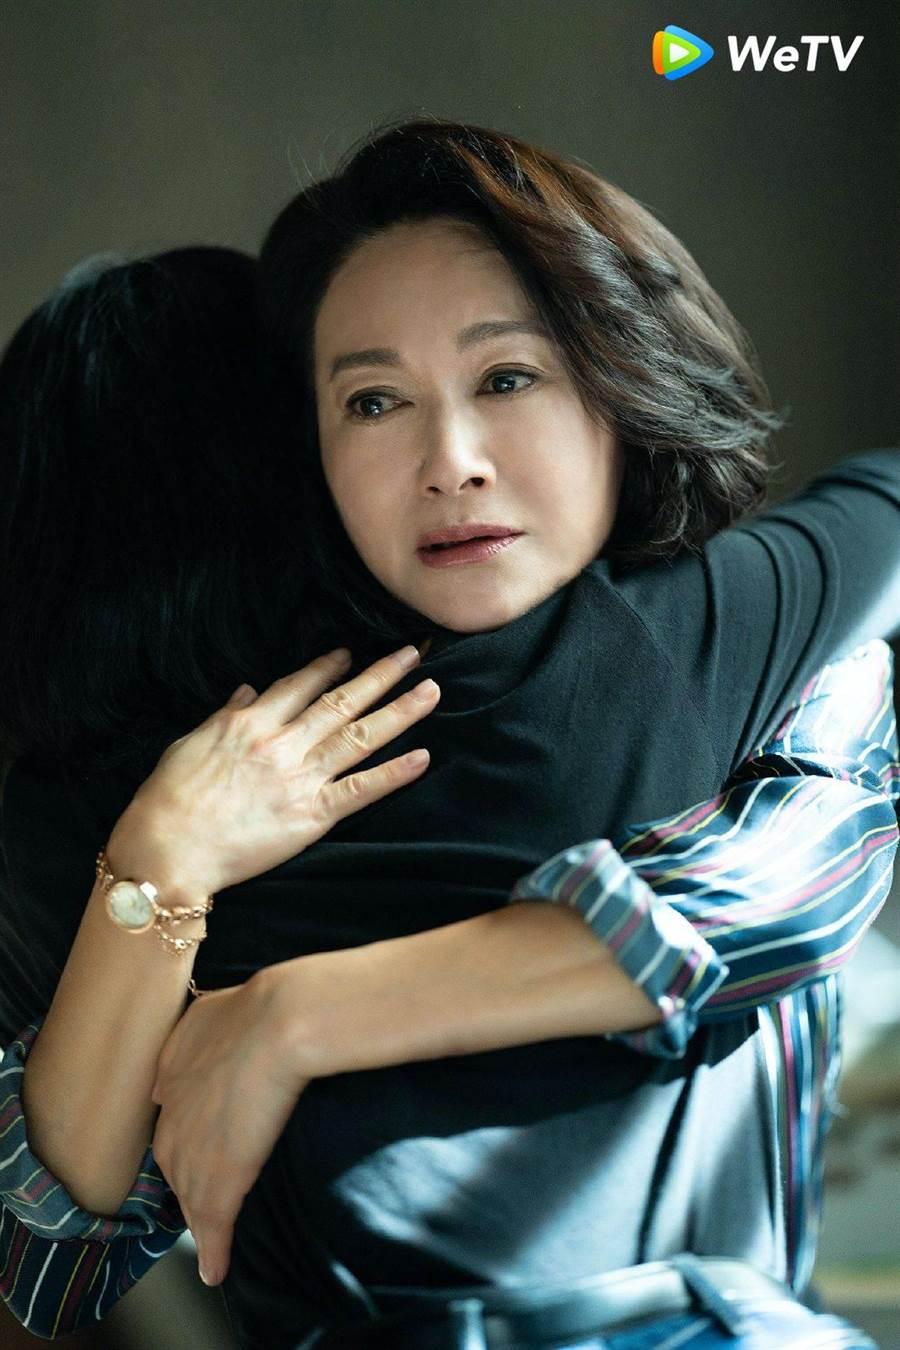 惠英紅在《不完美的她》演出周迅養母。(WeTV提供